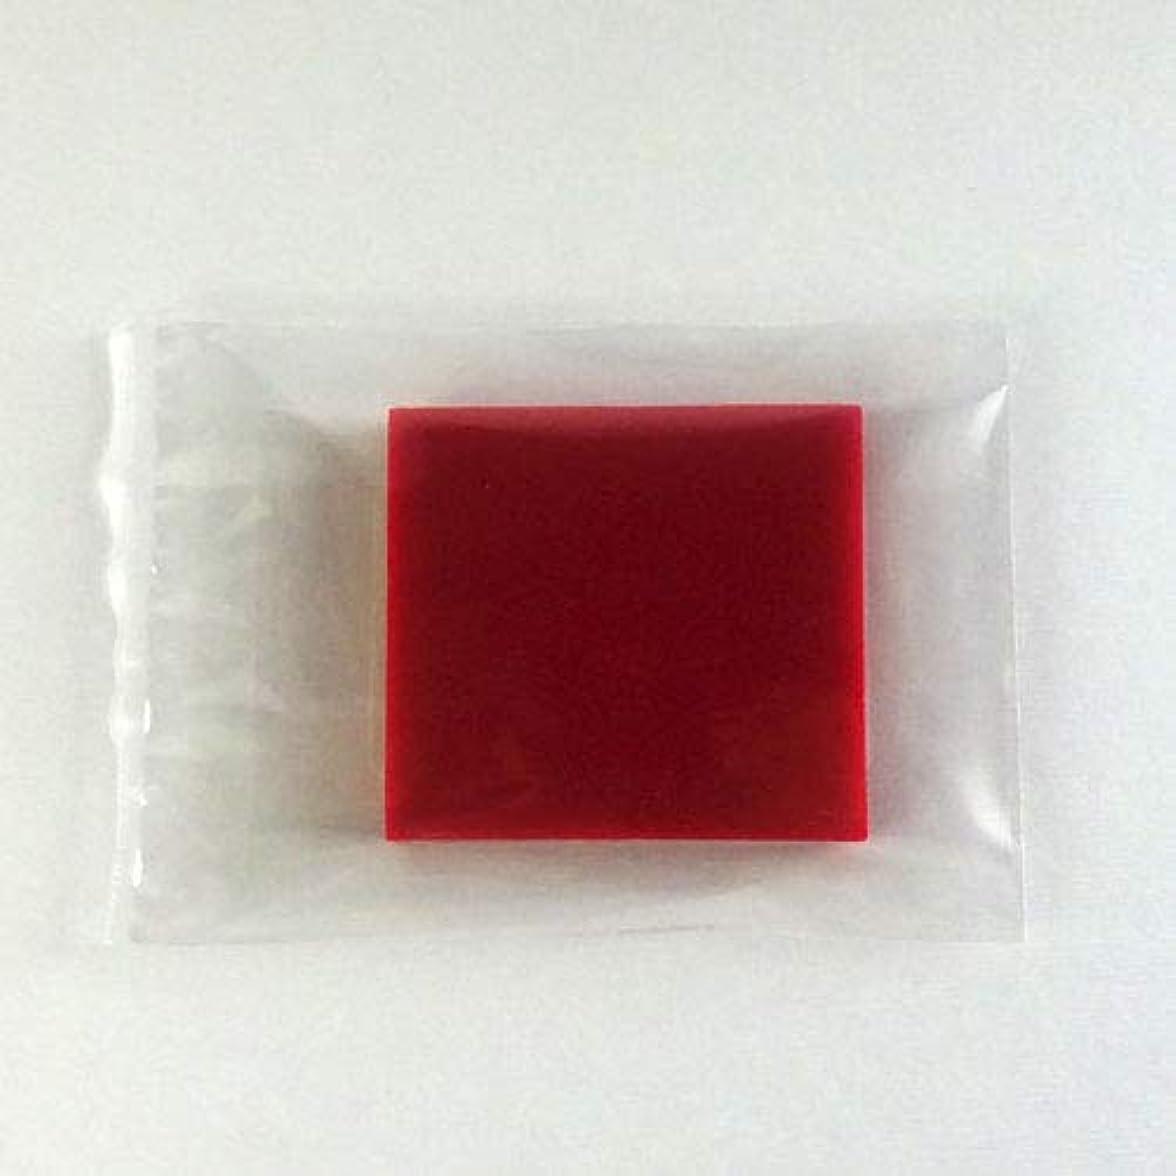 押すジョグありがたいグリセリンソープ MPソープ 色チップ 赤(レッド) 60g(30g x 2pc)